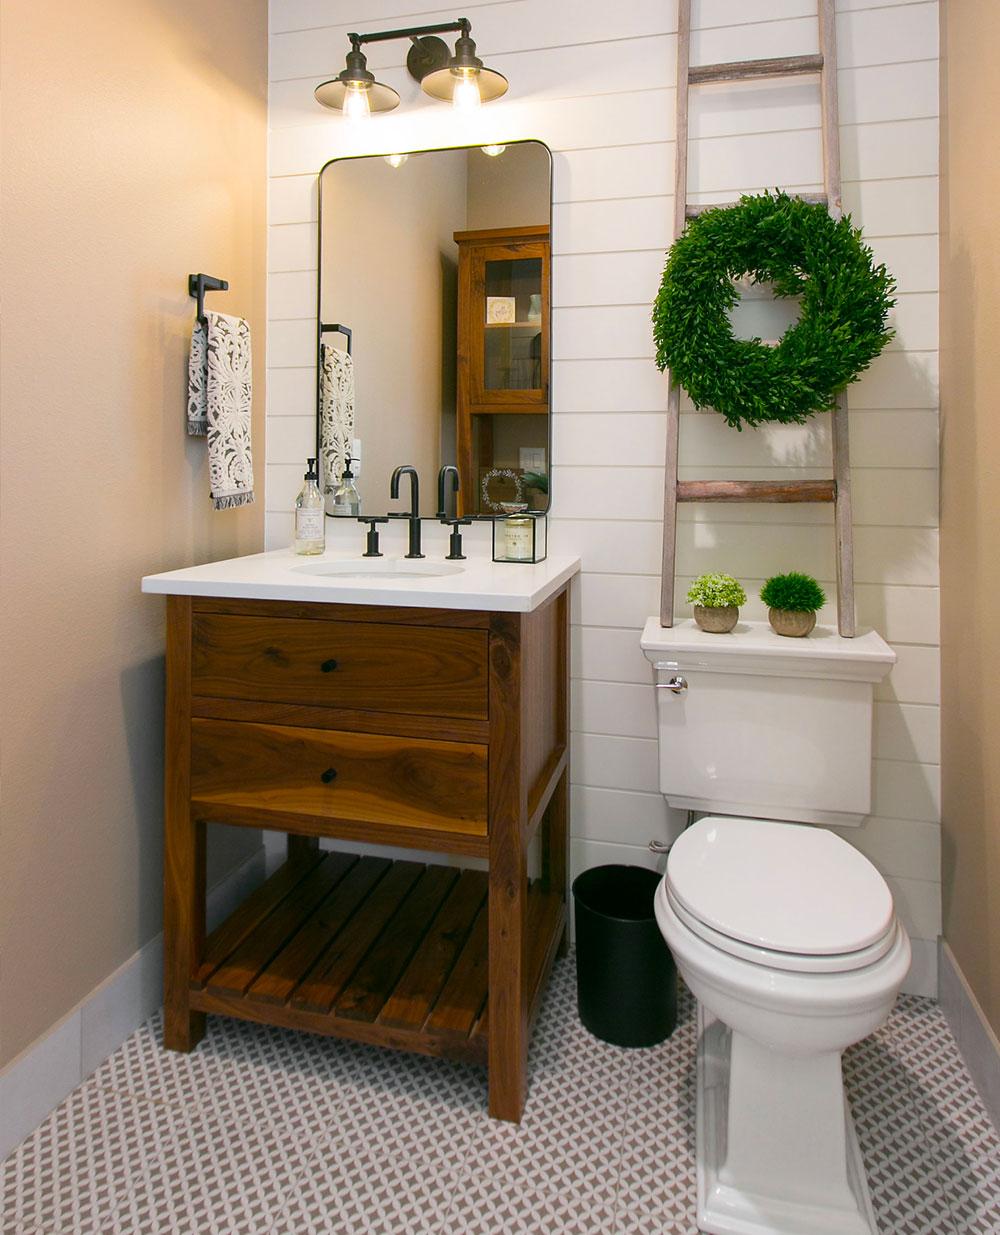 Rustic Lodge Bathroom Wood Vanity